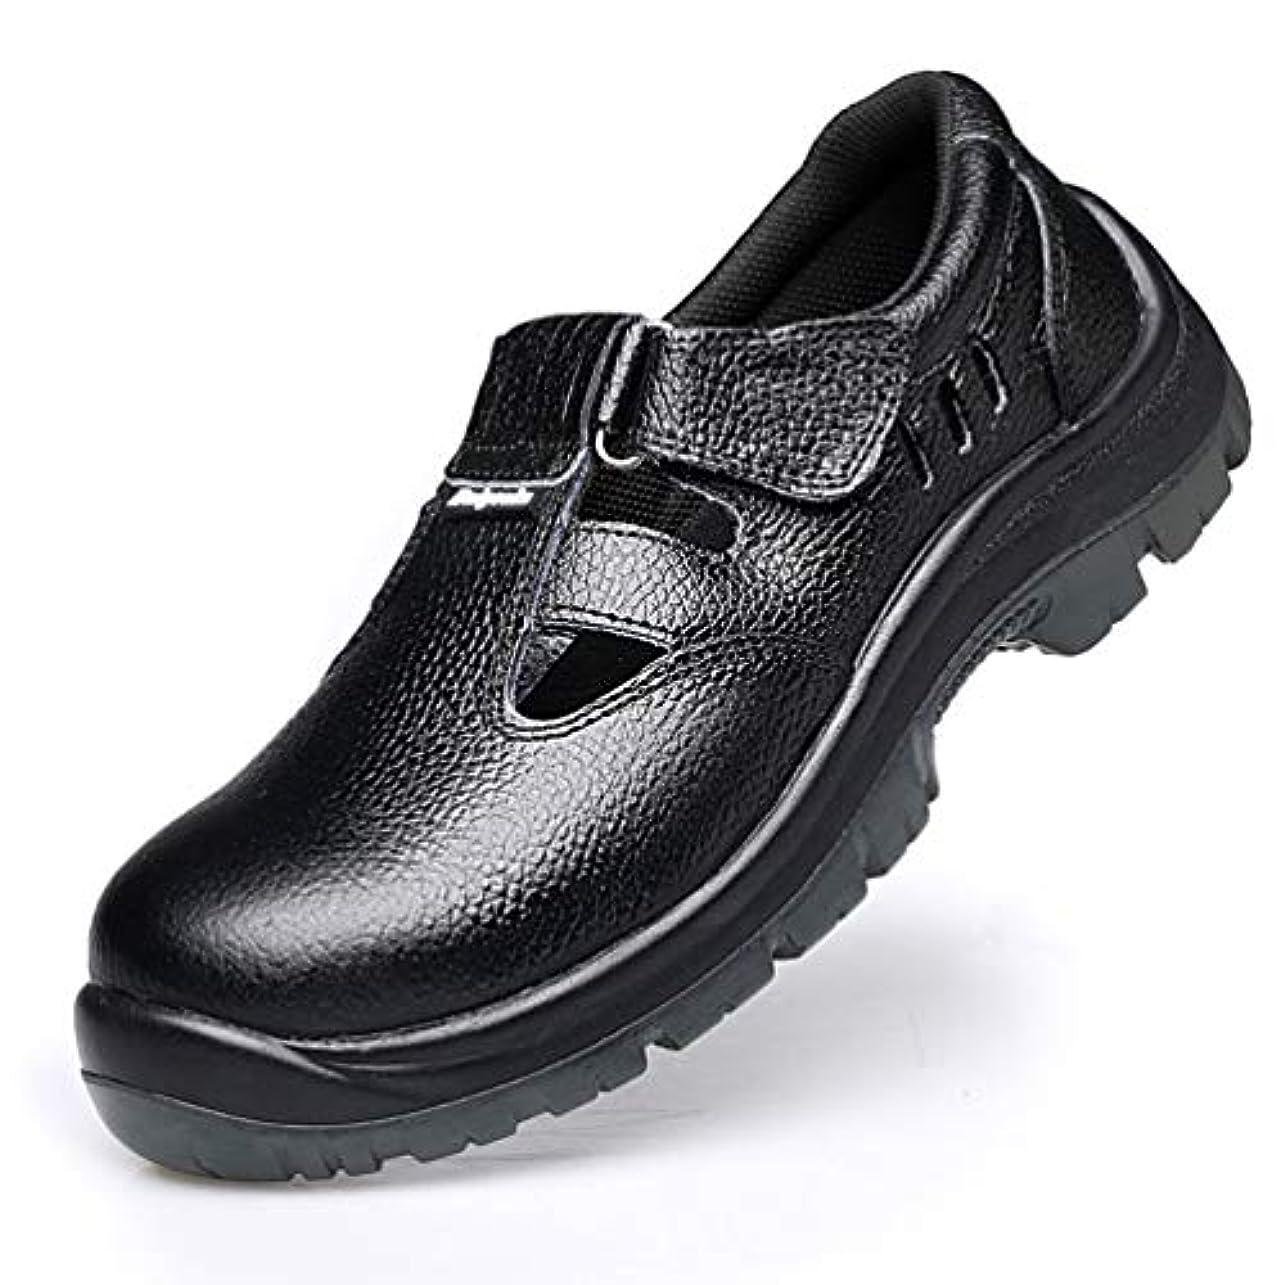 に負ける首謀者インディカ安全靴 作業靴 サンダル ワークシューズ メンズ 小さいイサイズ 通気性抜群 マジックタイプ つま先保護プレート パンチング加工 防刺 抗菌 防臭 疲れにくい 衝撃吸収 ノンスリップ カジュアル シンプル